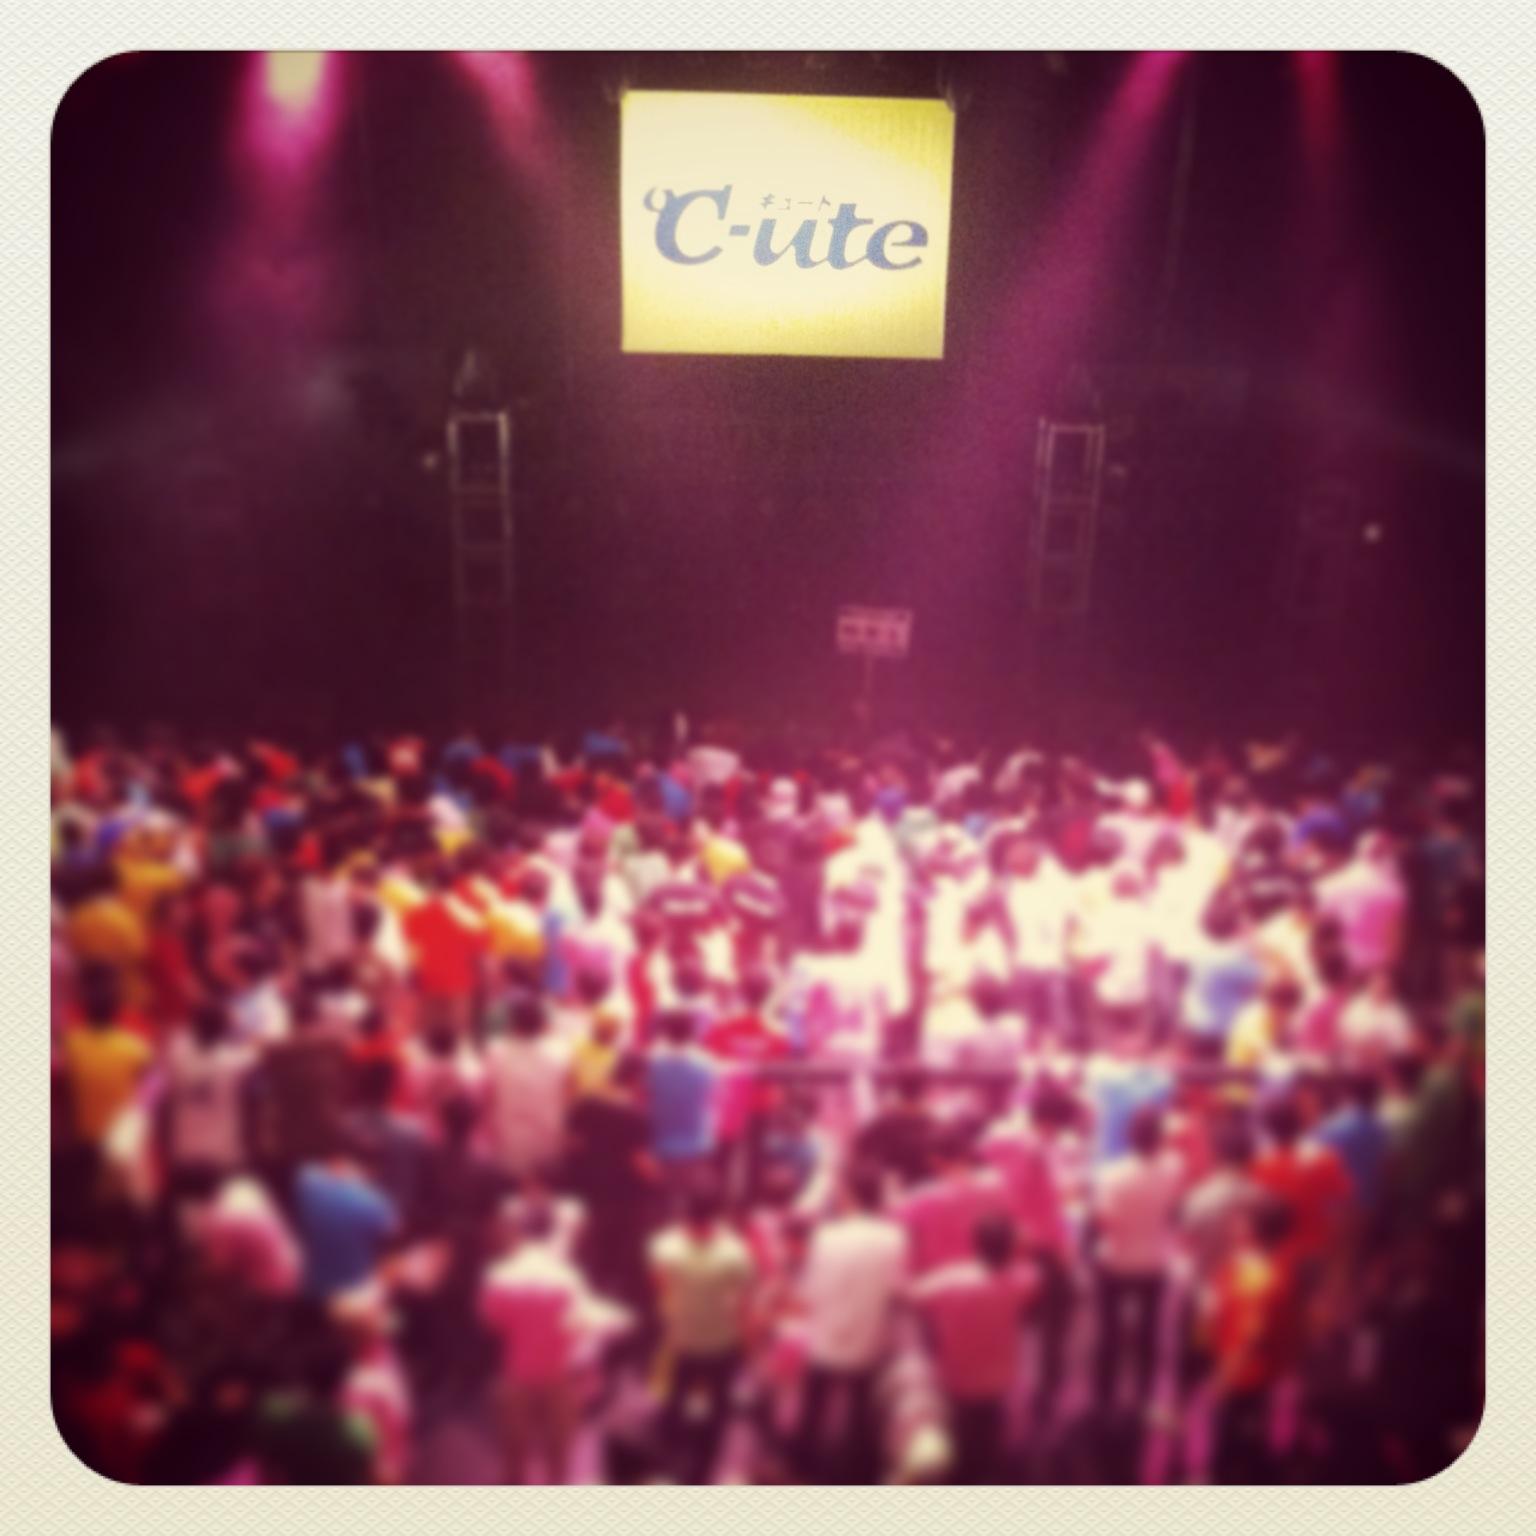 c-ute=2011.jpg